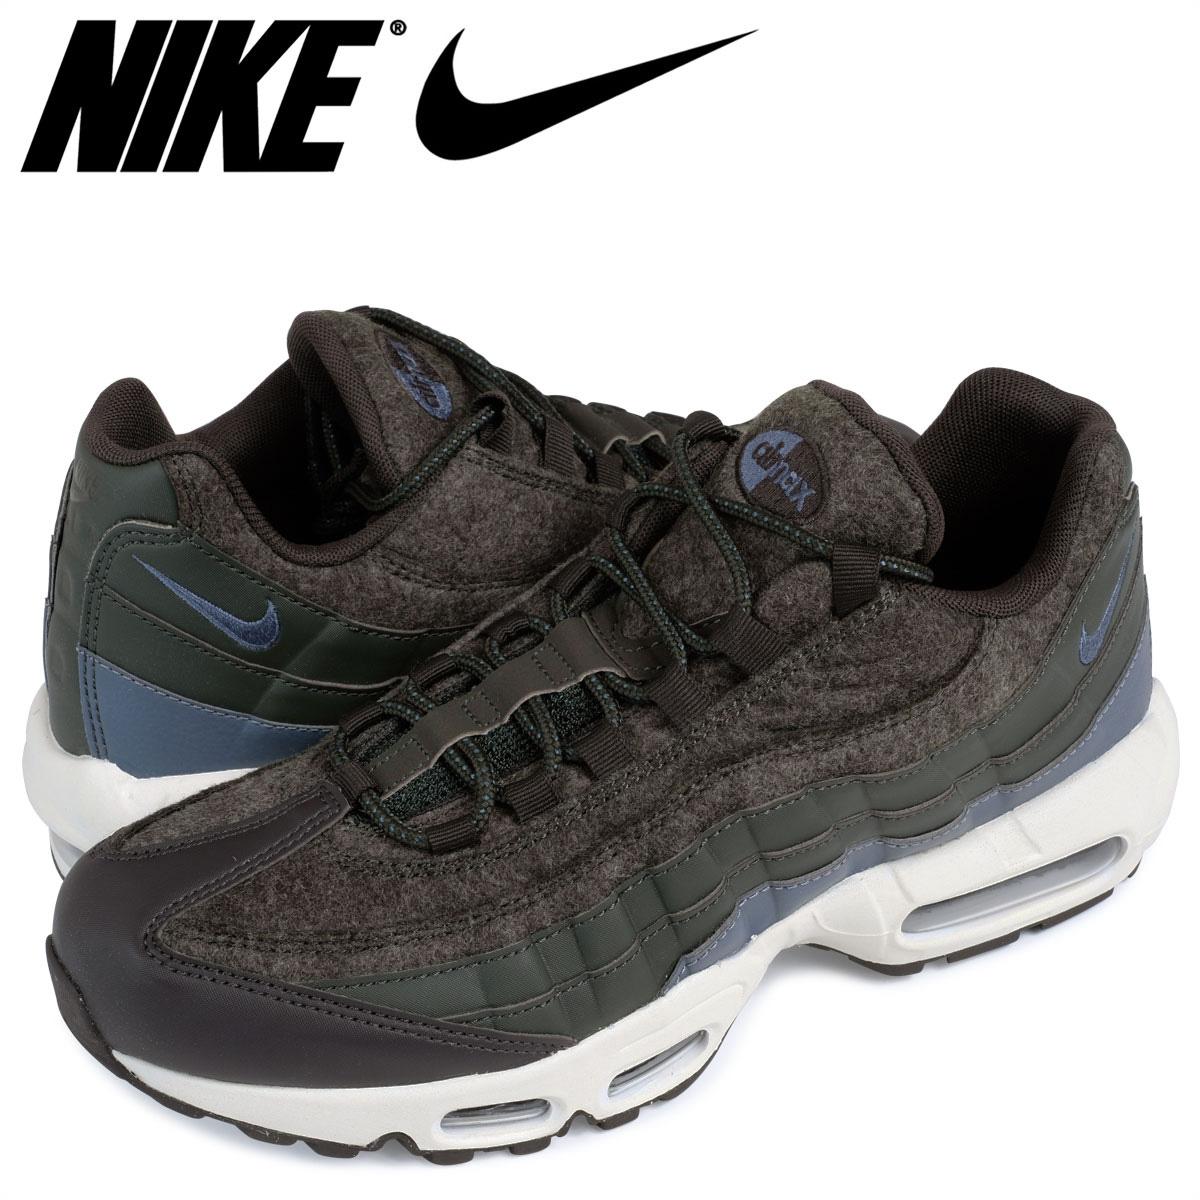 NIKE Nike air force sneakers AF X MID RECON air force X ミッドリーコン 309,040 001 black black men